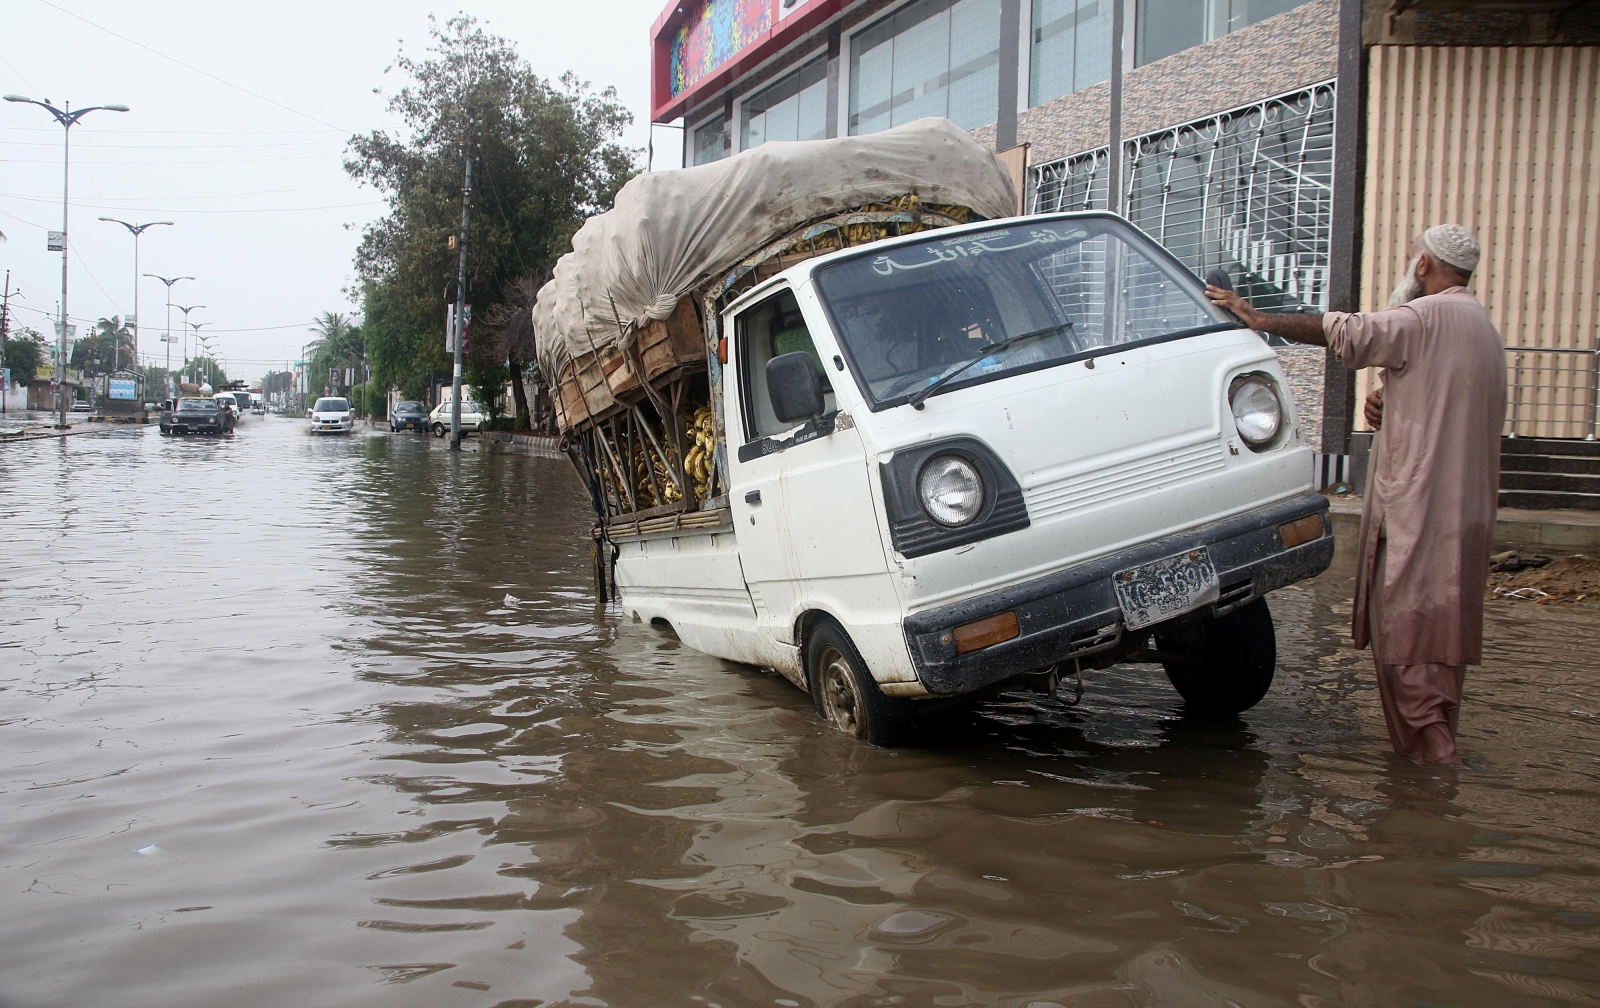 Ulica w Karaczi po ulewie. Fot.  EPA/SHAHZAIB AKBER Dostawca: PAP/EPA.